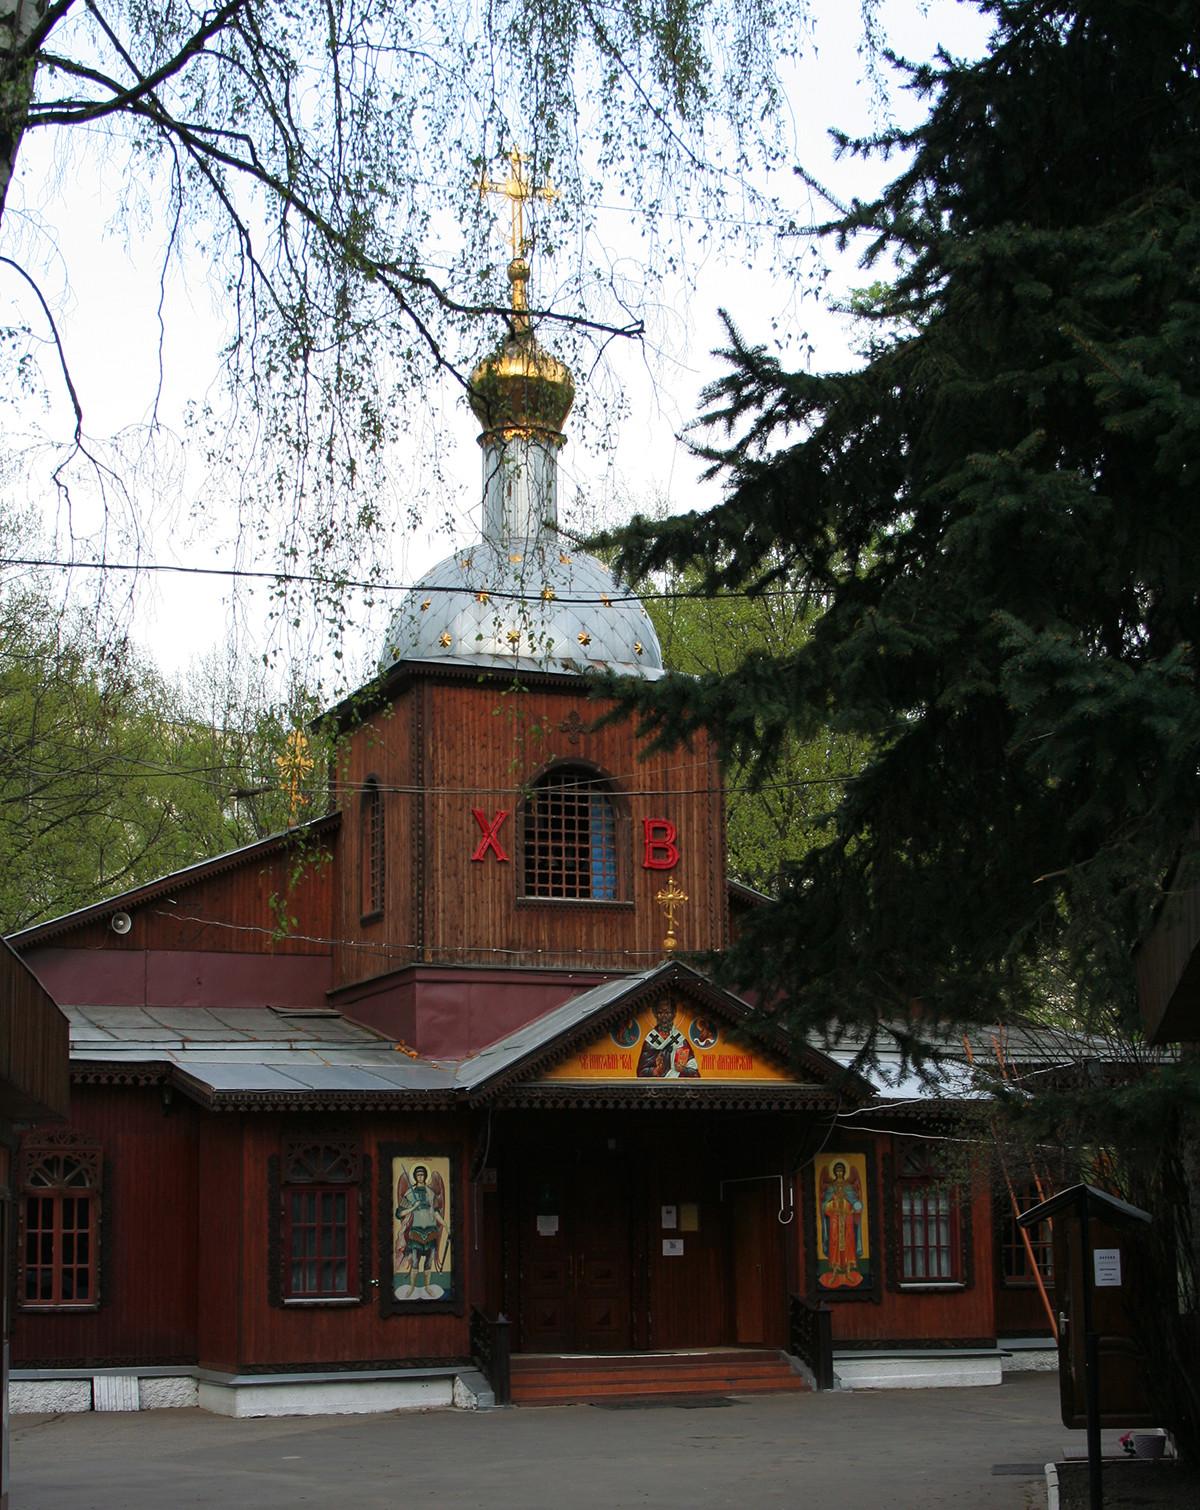 Храм святителя Николая Чудотворца в Бирюлёве, Москва, 1956 г. постройки